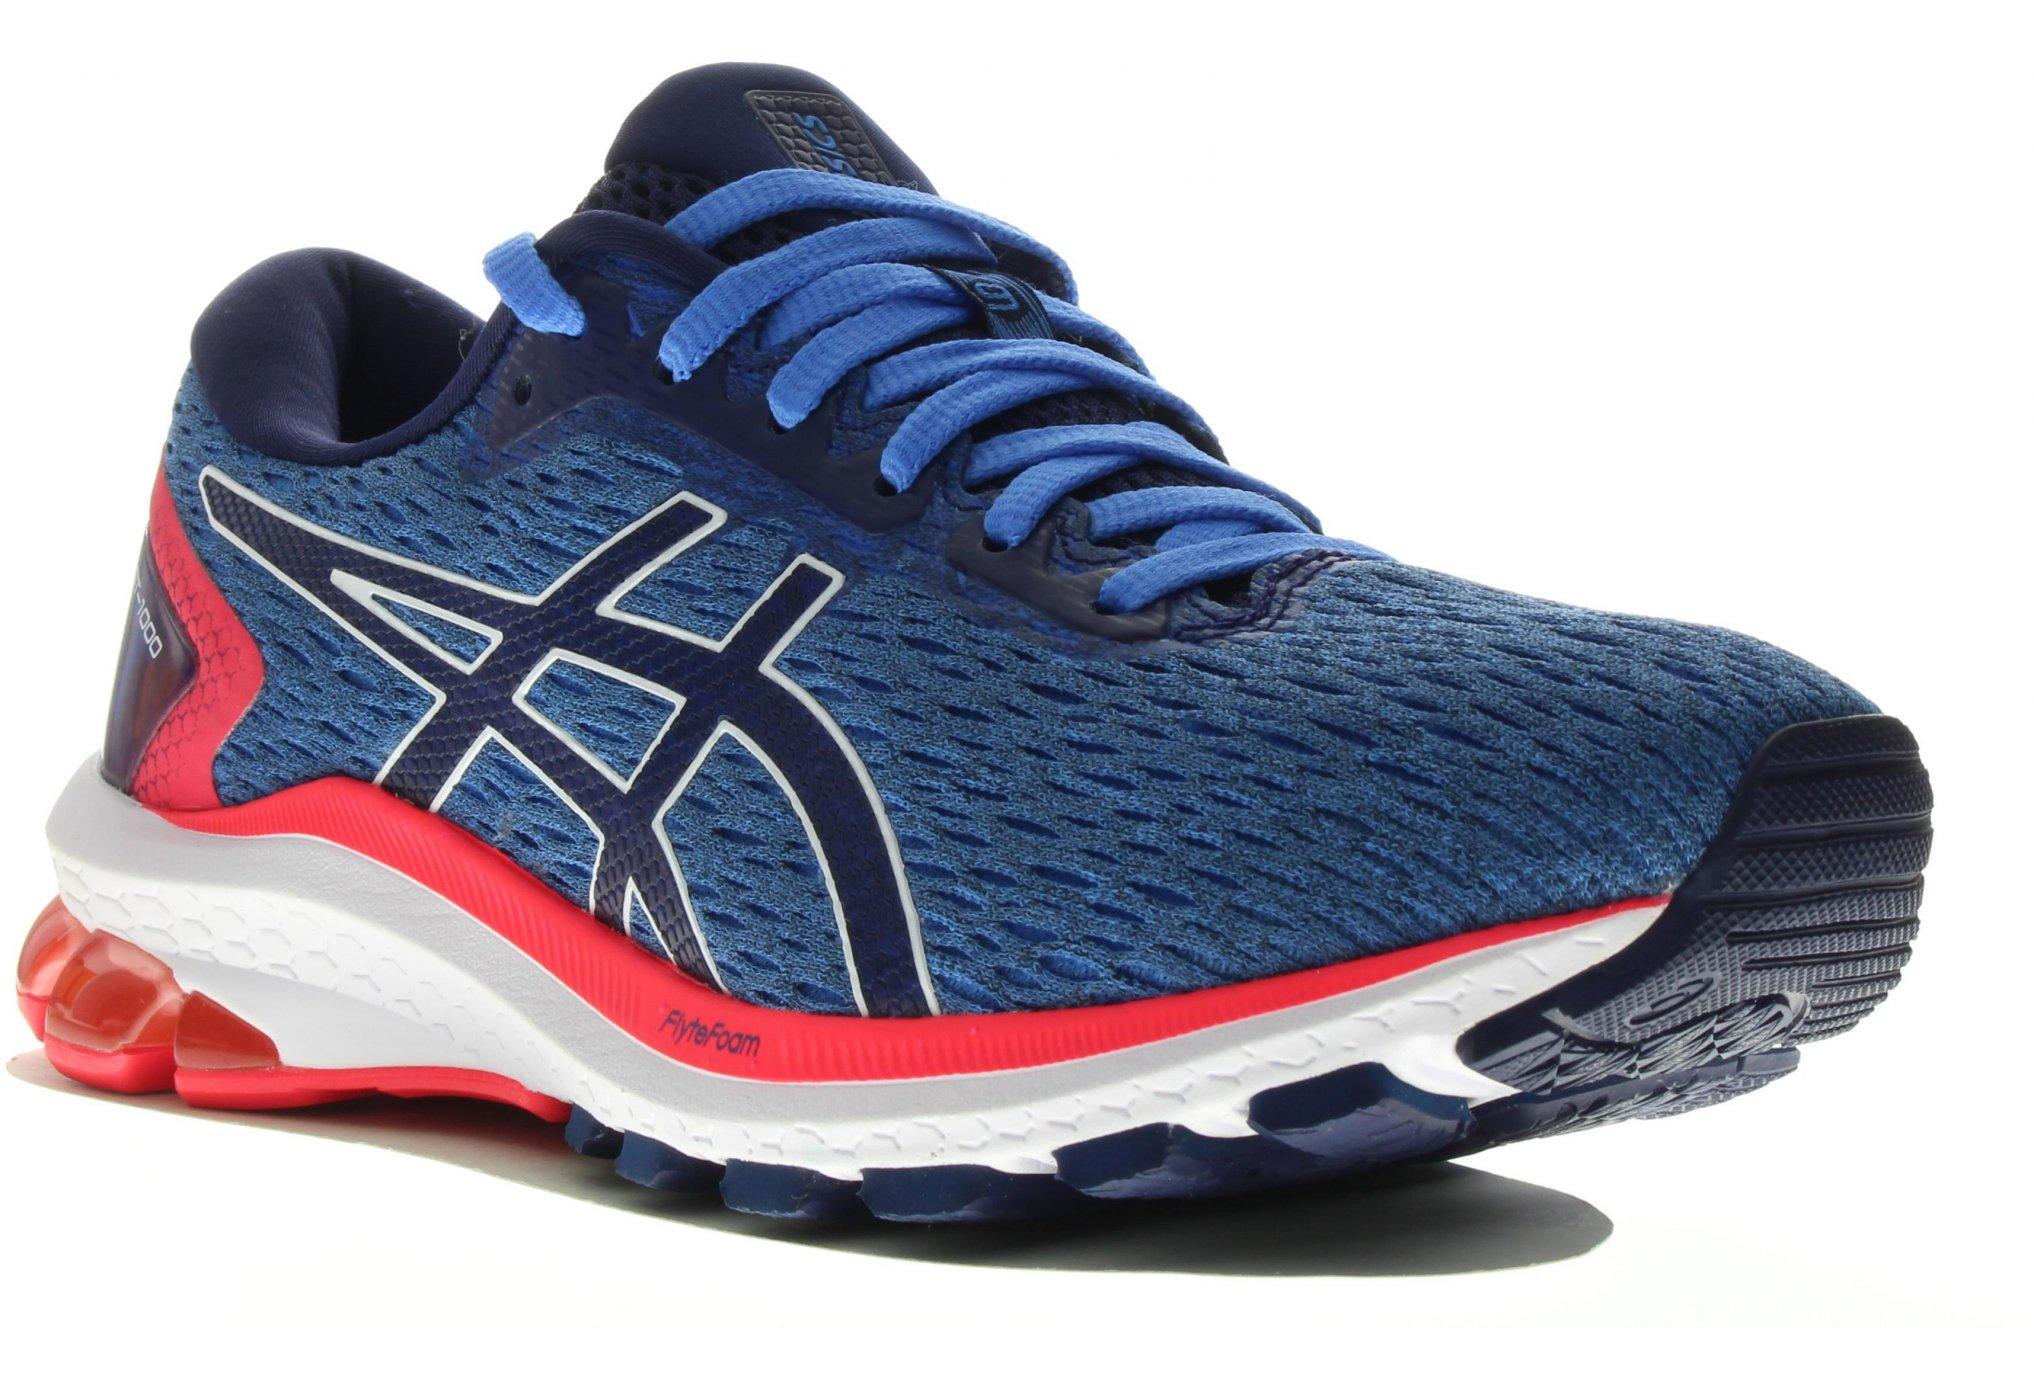 Asics GT-1000 9 Chaussures running femme